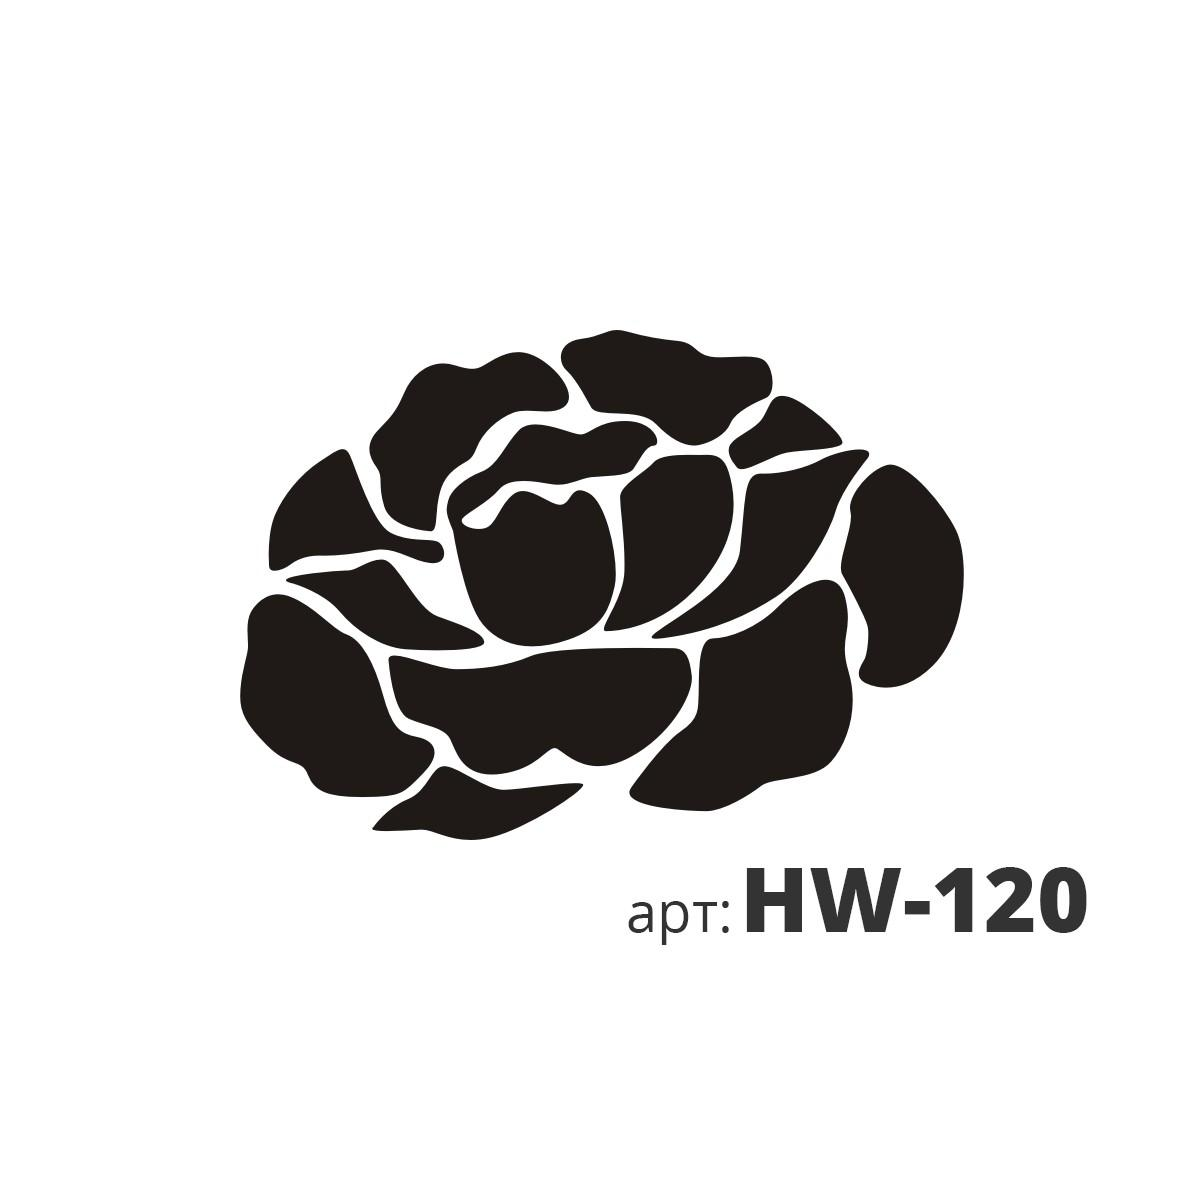 Трафарет виниловый ОДИНОКАЯ РОЗА HW-120